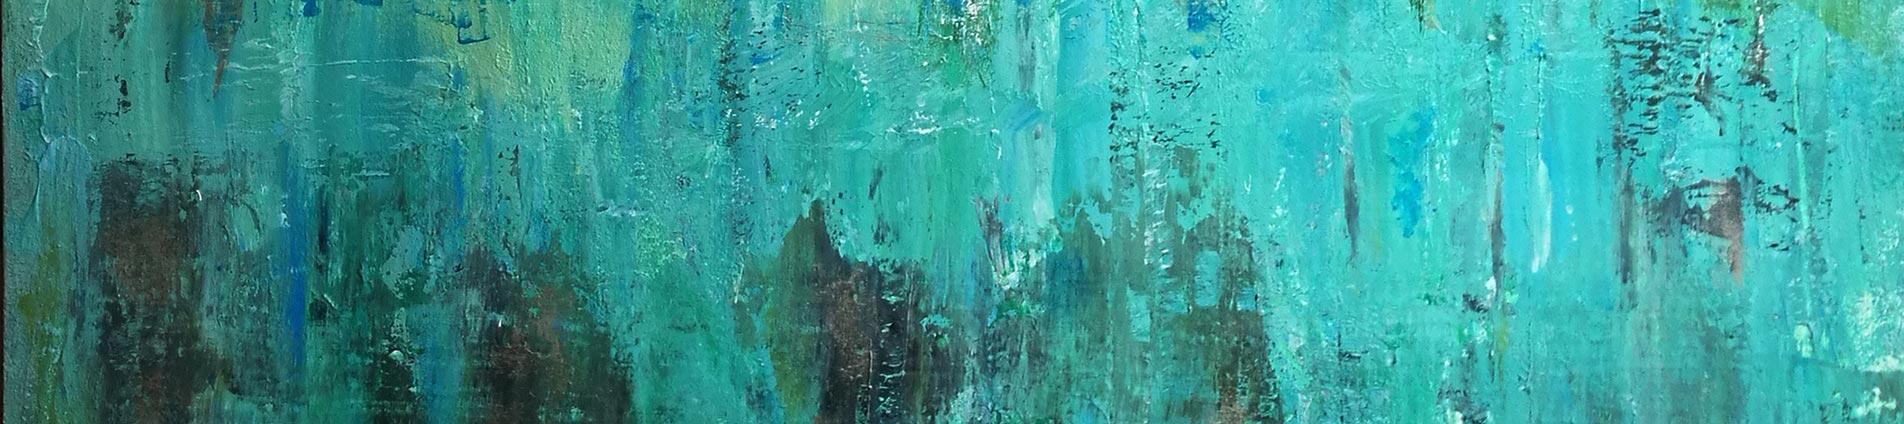 Emerald beads, patrick Joosten